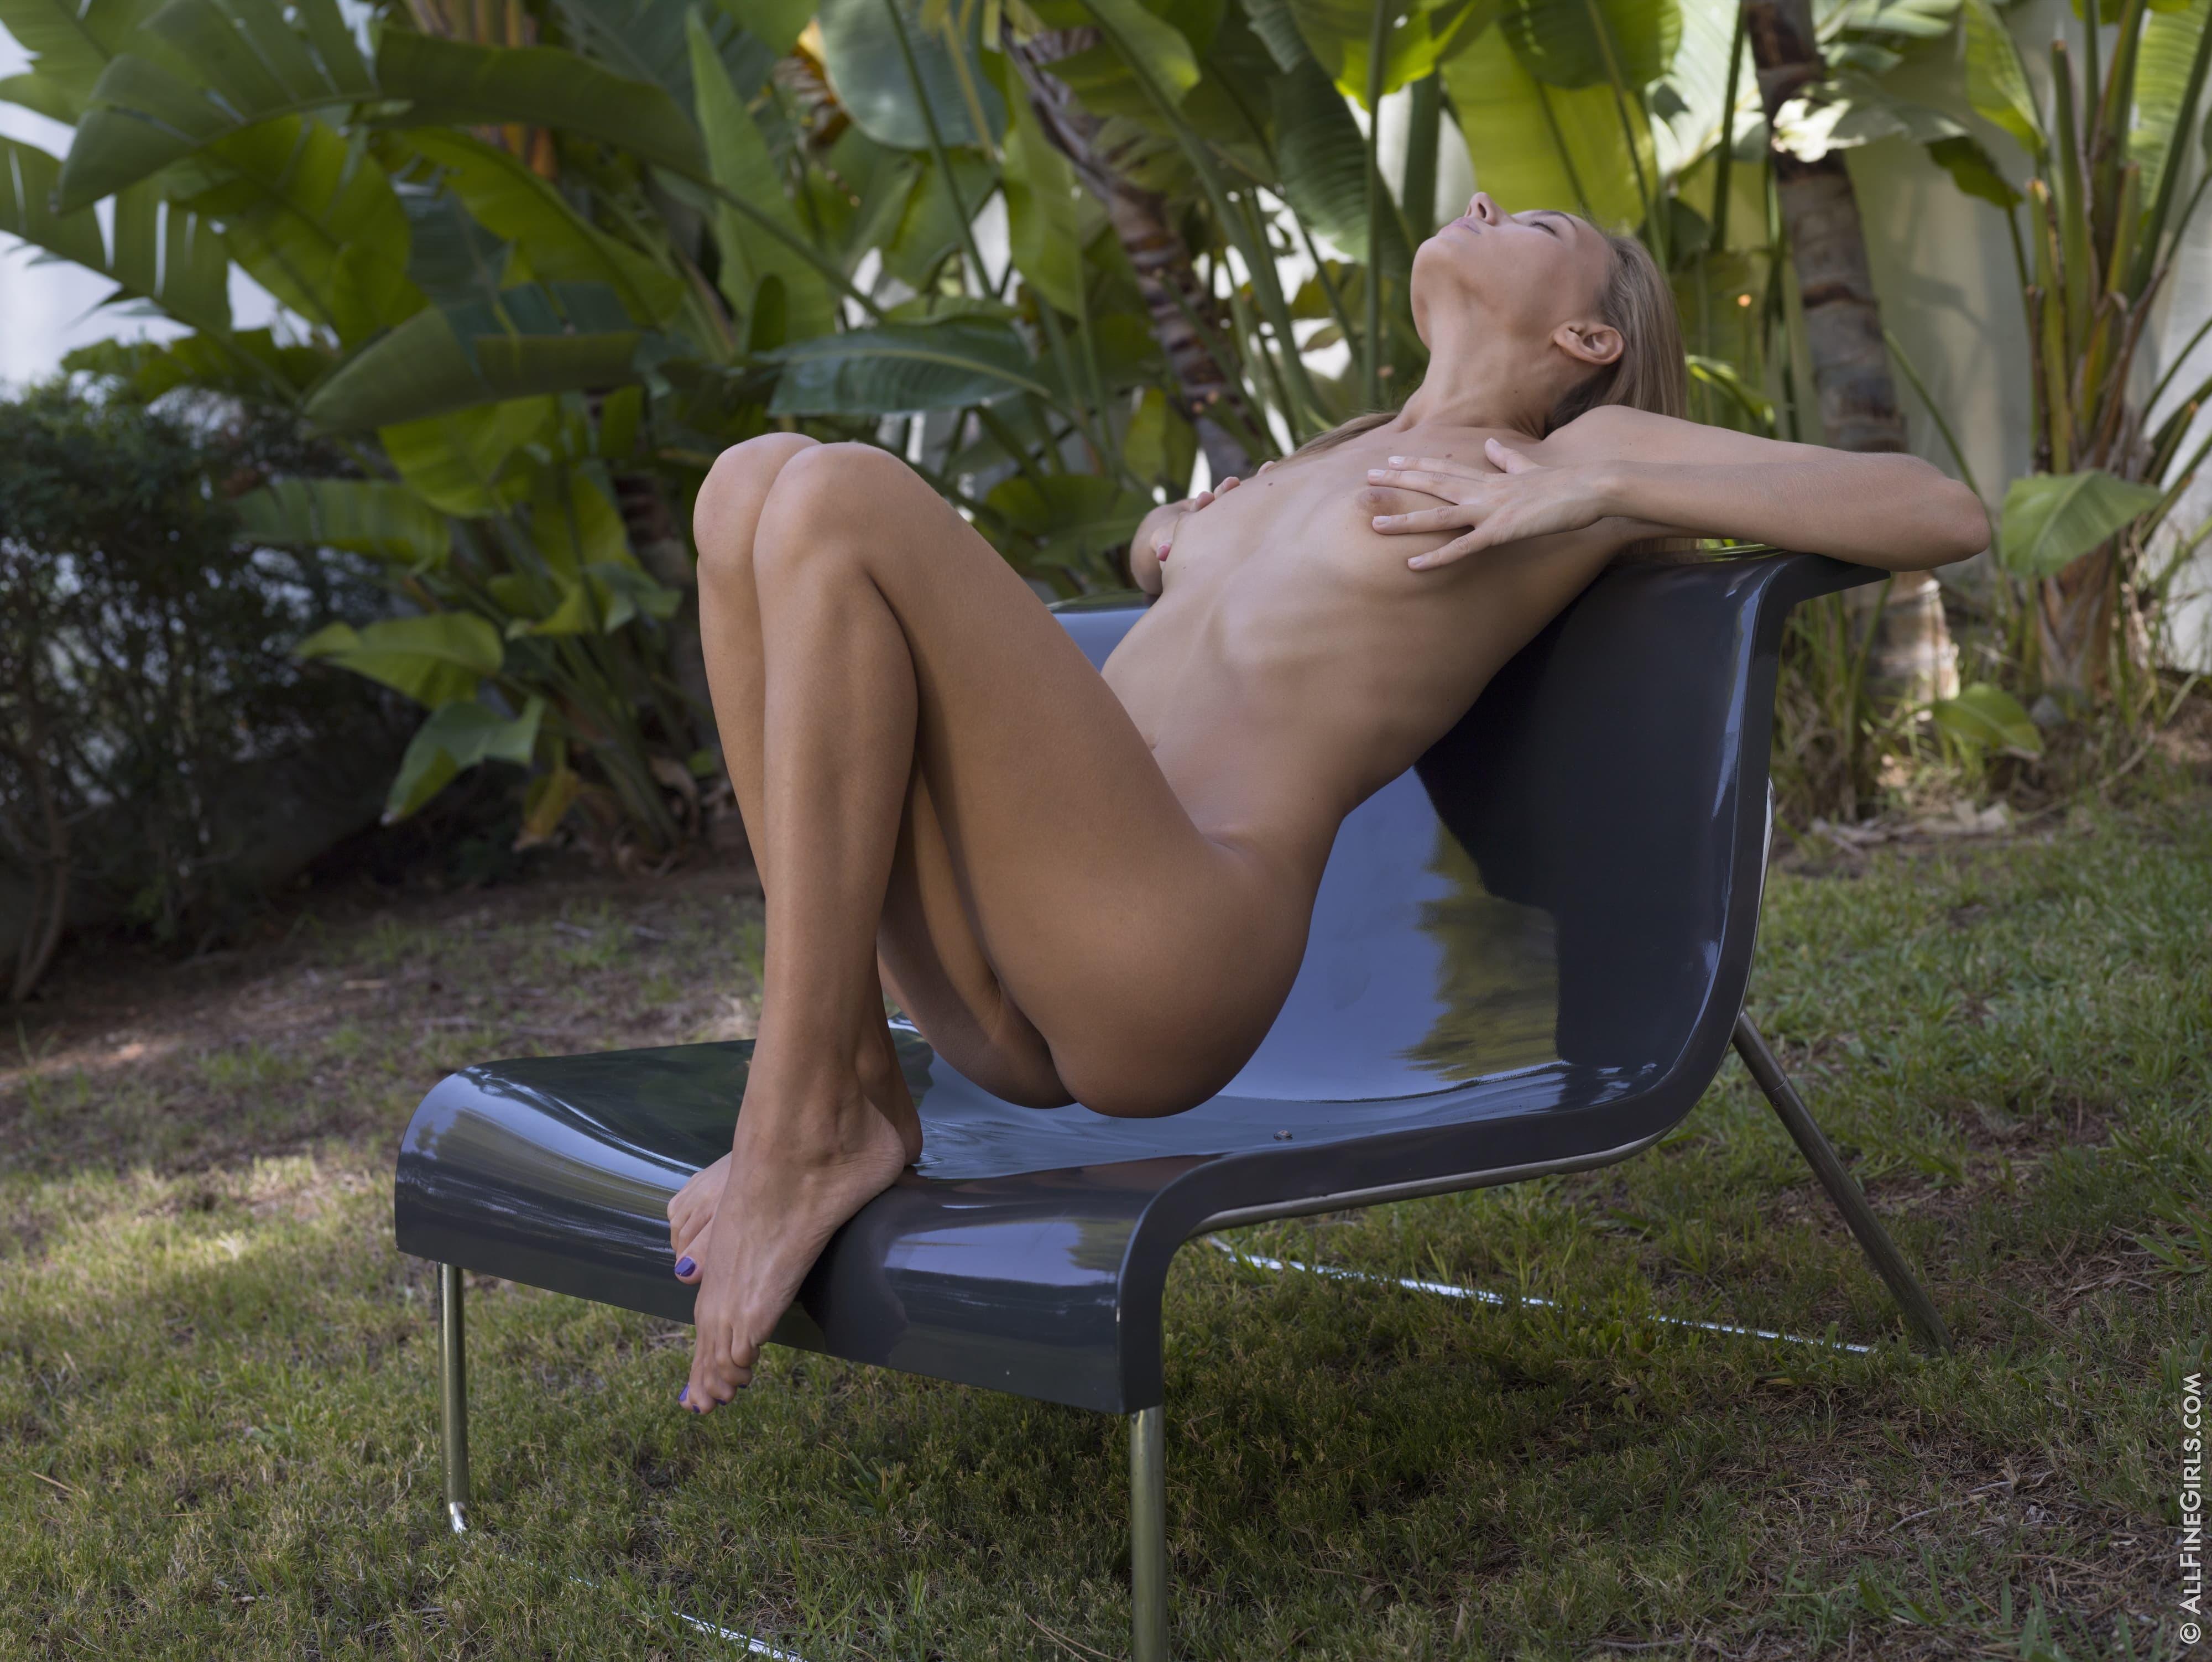 Худышка без трусов раком на лавке - фото